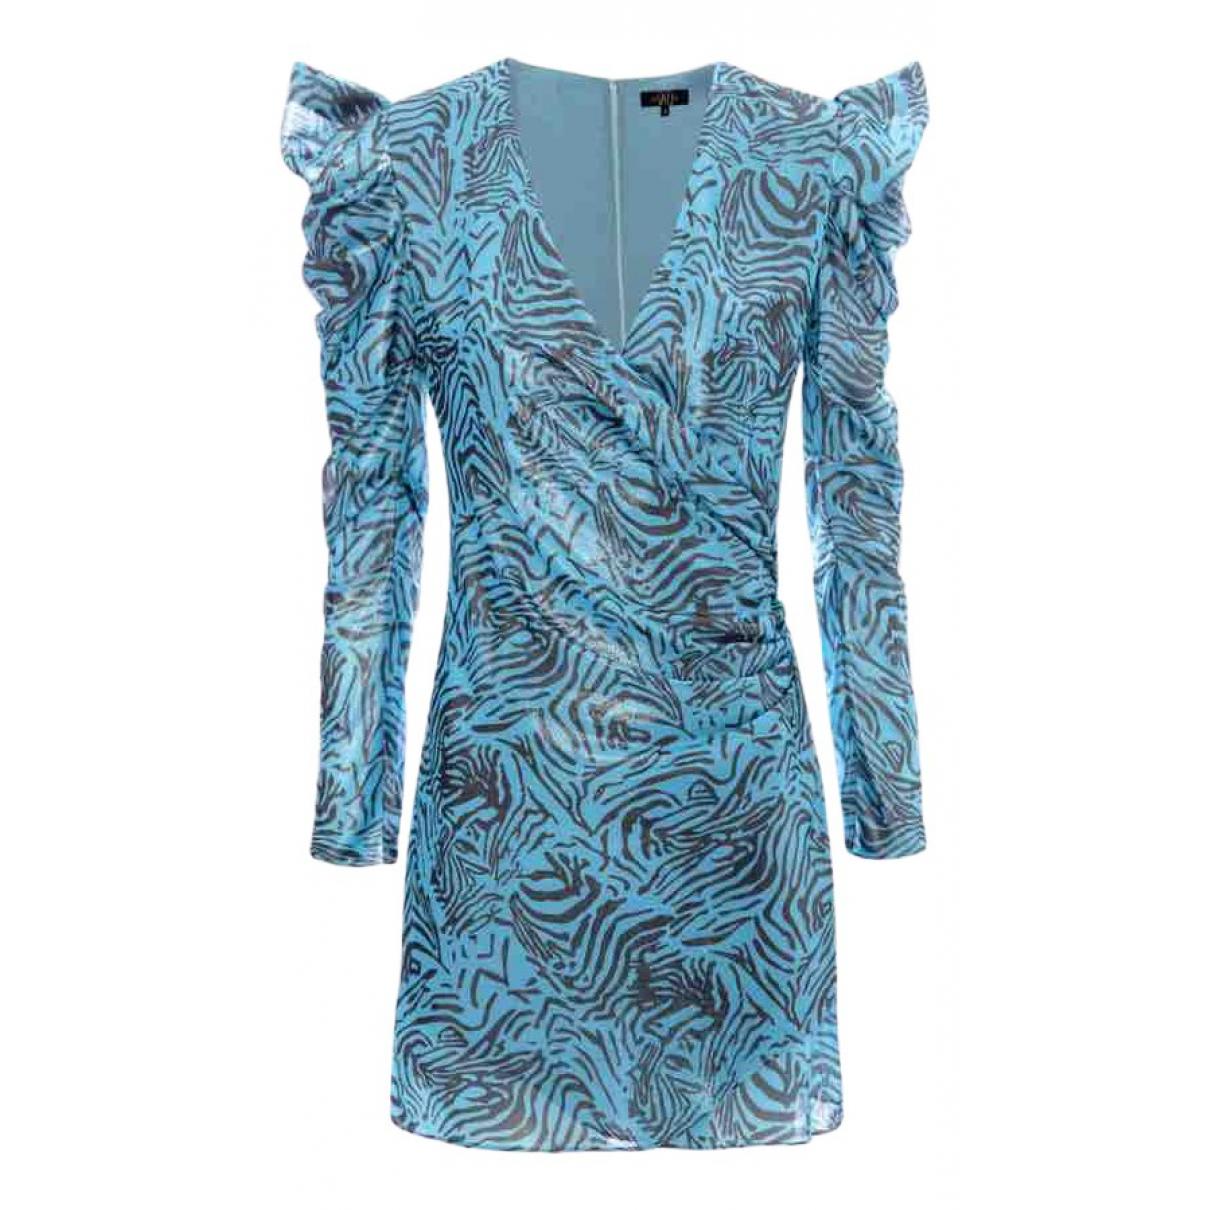 De La Vali \N Kleid in  Blau Polyester